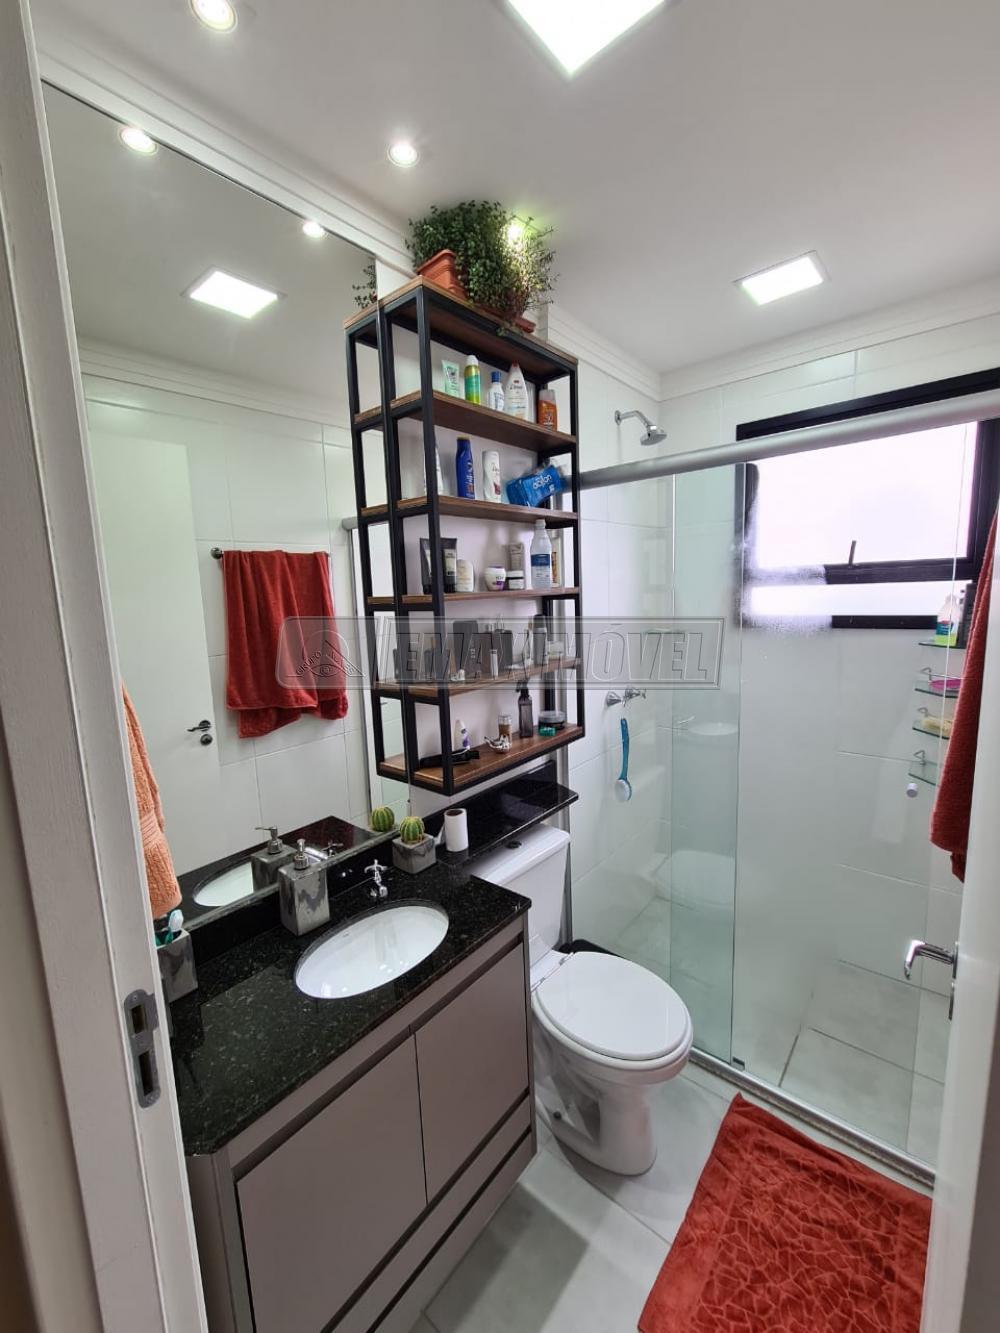 Comprar Apartamentos / Apto Padrão em Sorocaba R$ 350.000,00 - Foto 7